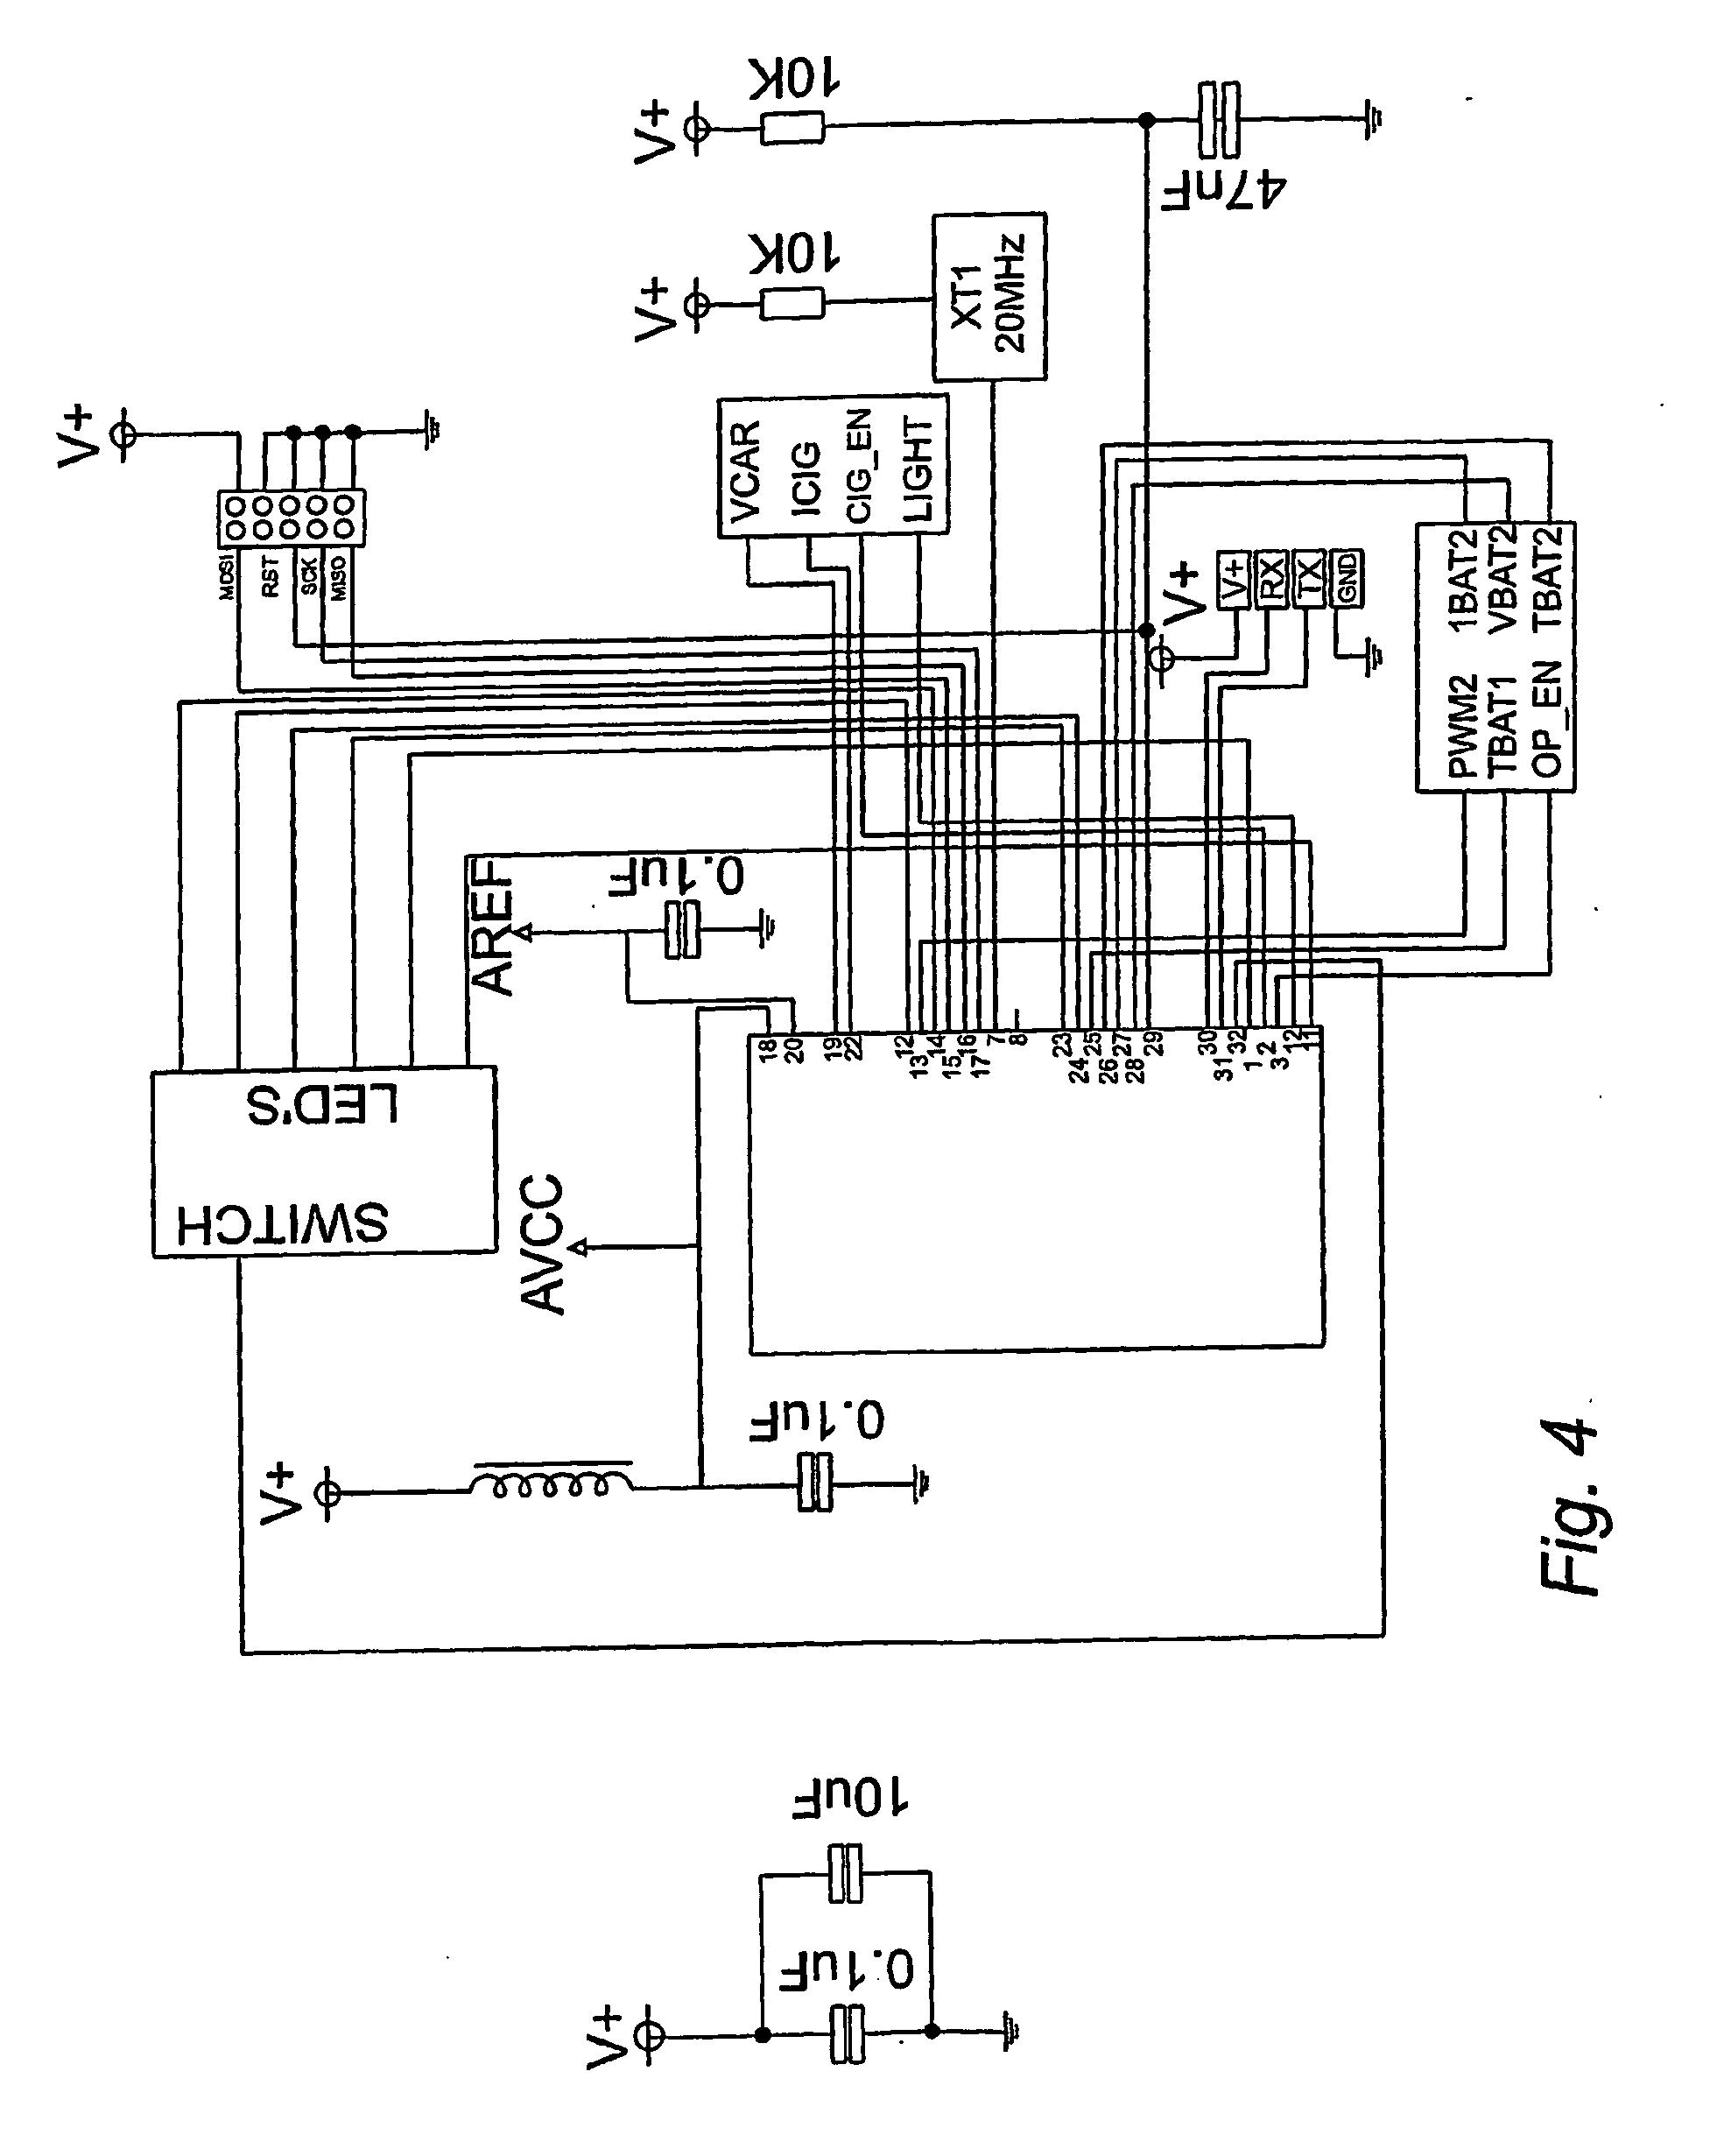 western golf c wiring diagram 36 volt 72 volt wiring